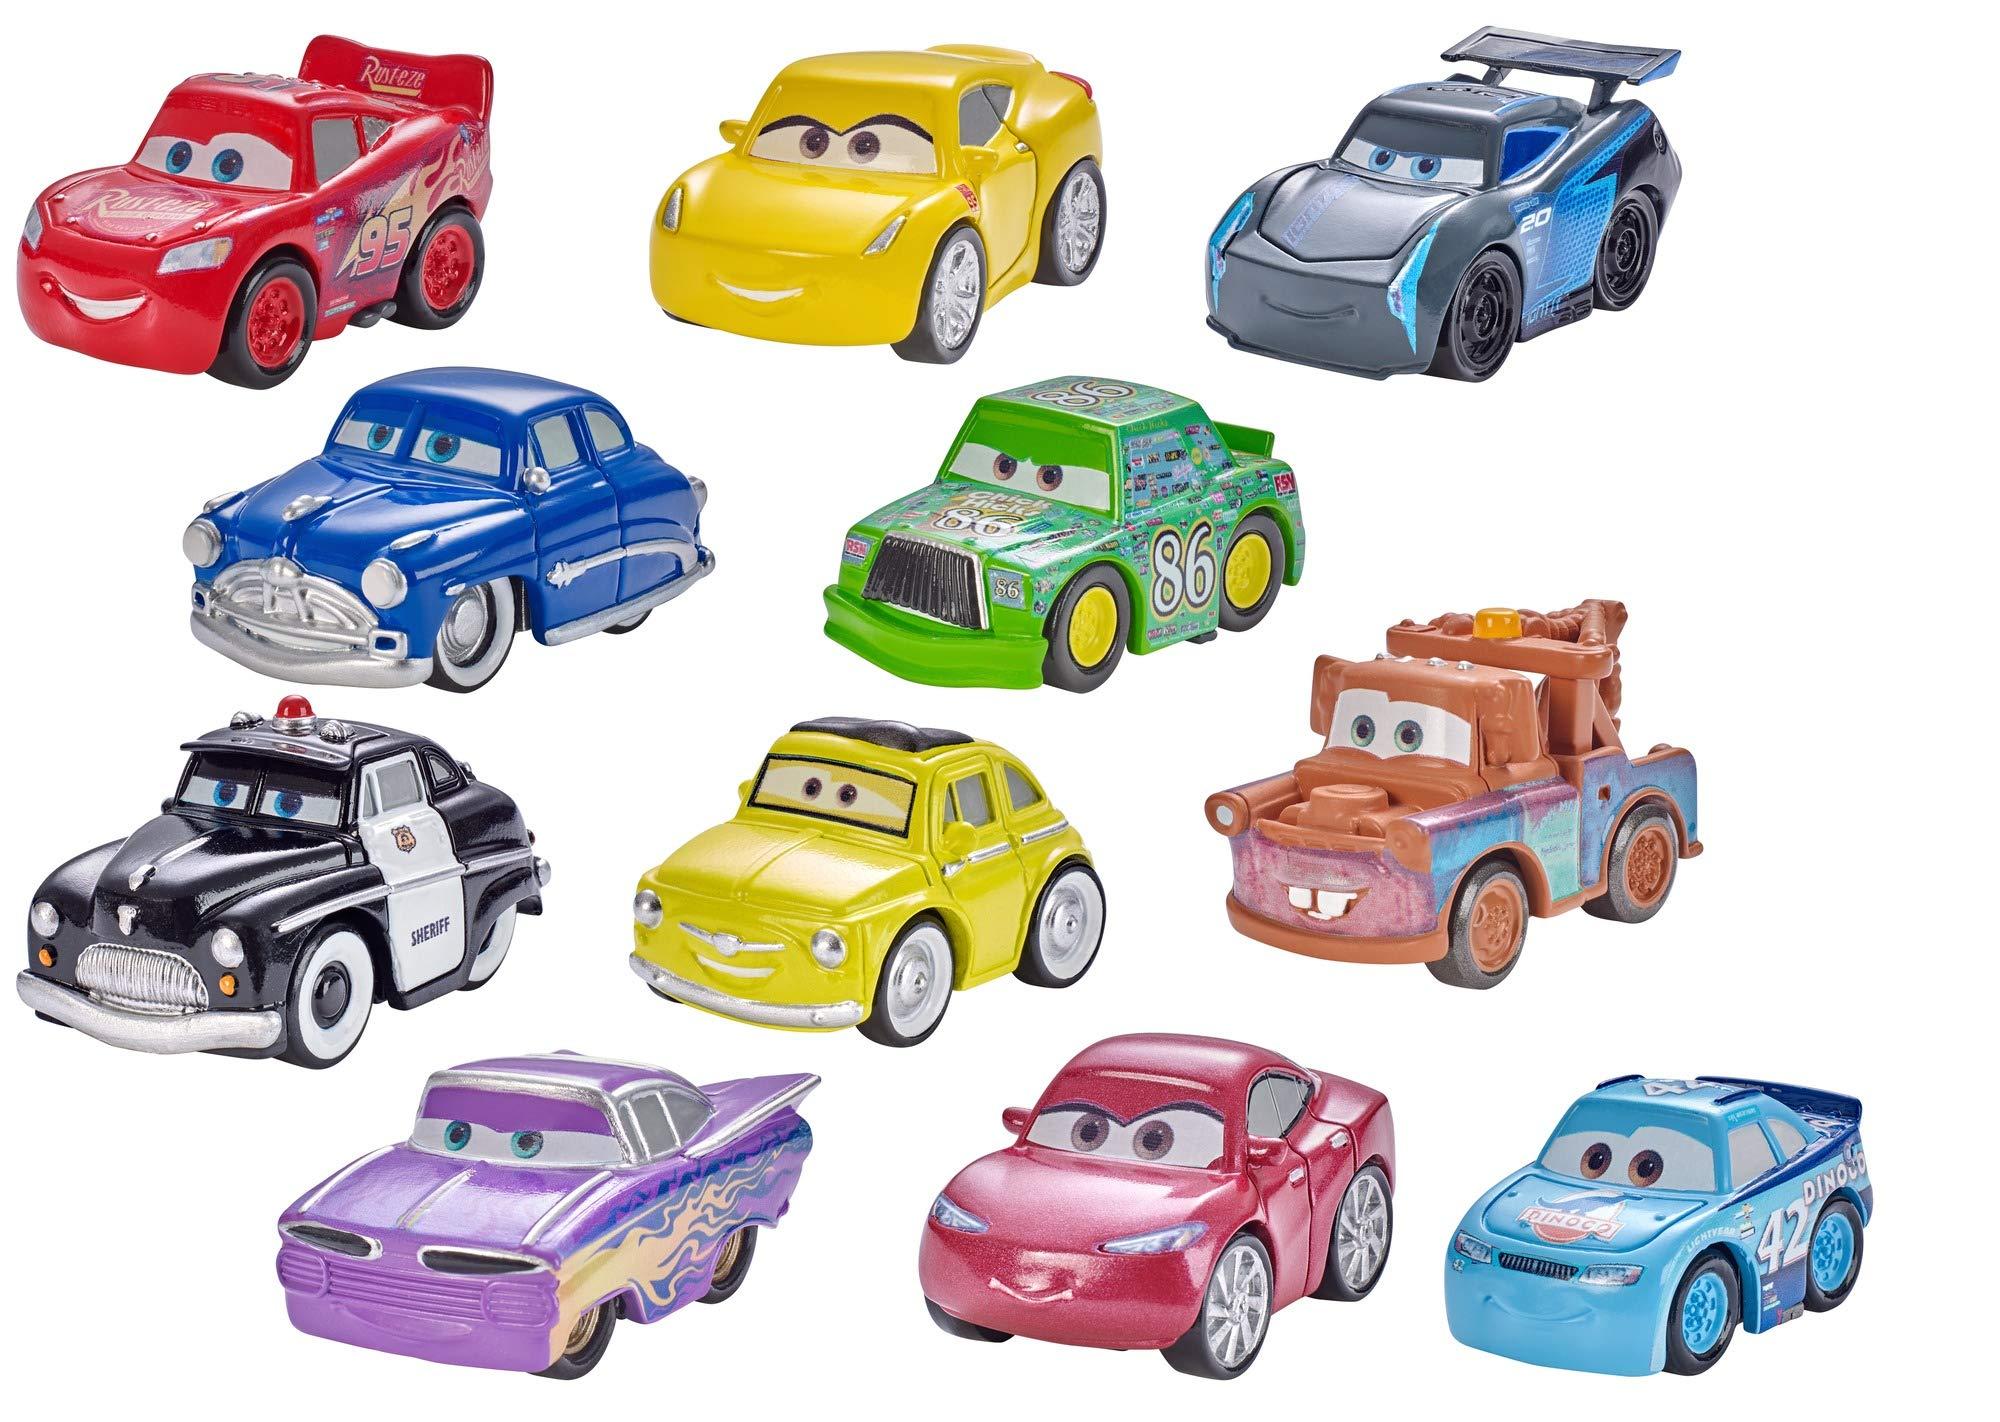 Cars 3 Macchinine da Corsa in Formato Mini dei Personaggi Preferiti,  Veicolo Singolo, i Modelli Possono Variare, FKL39 - Giochi Legno